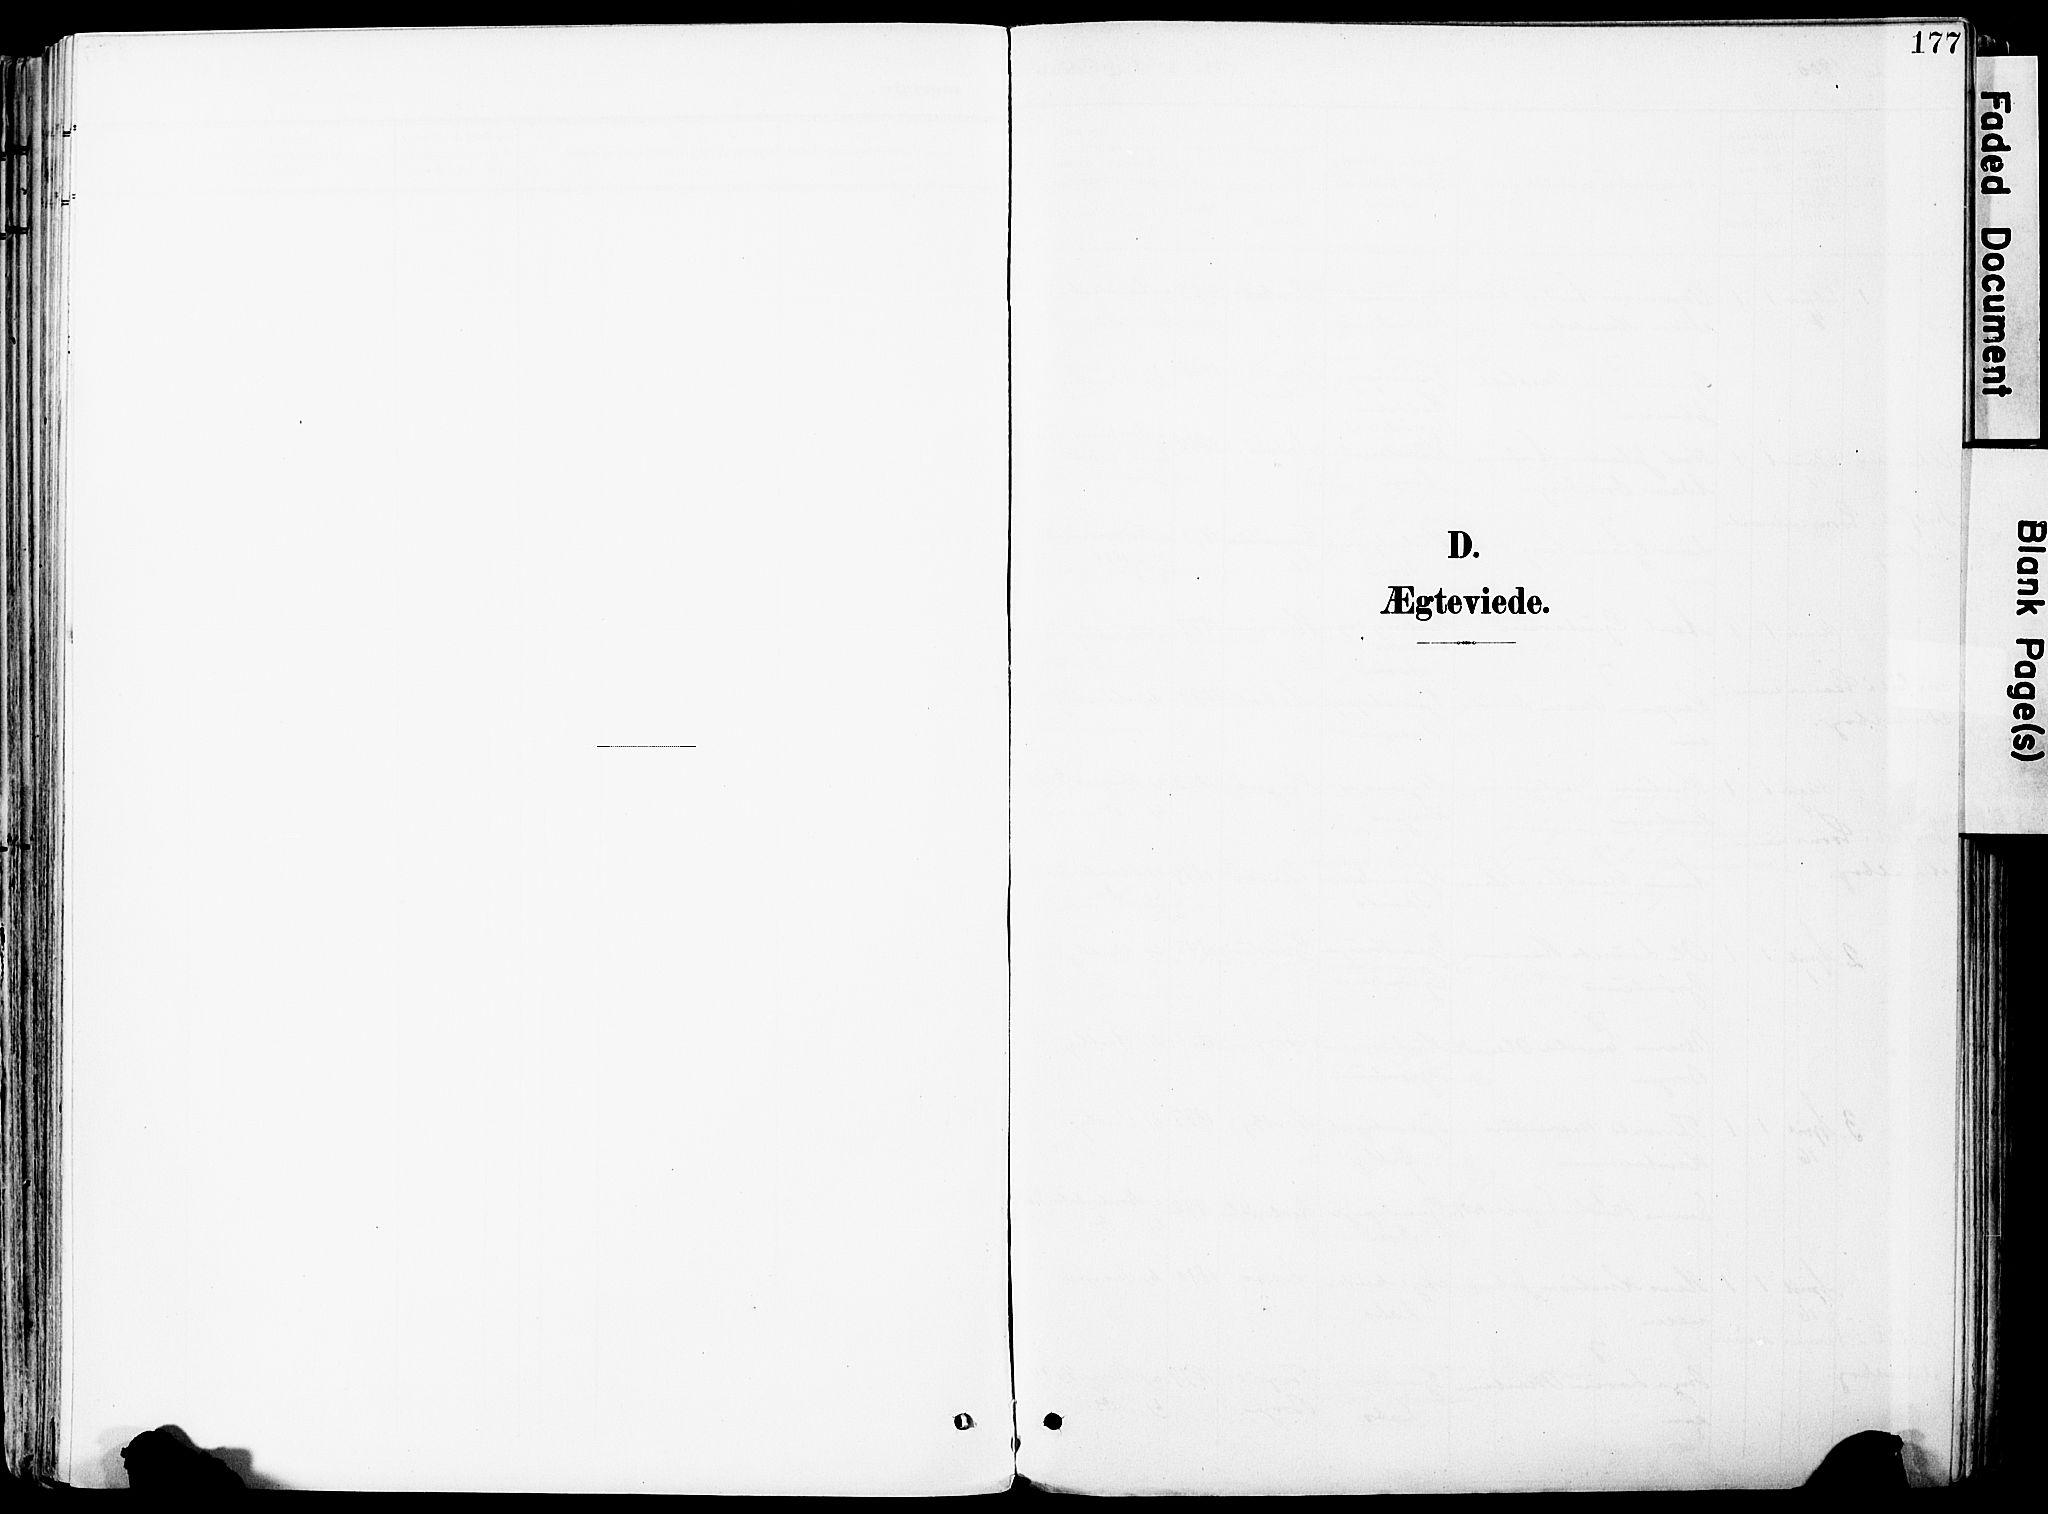 SAO, Vestby prestekontor Kirkebøker, F/Fa/L0010: Ministerialbok nr. I 10, 1900-1926, s. 177